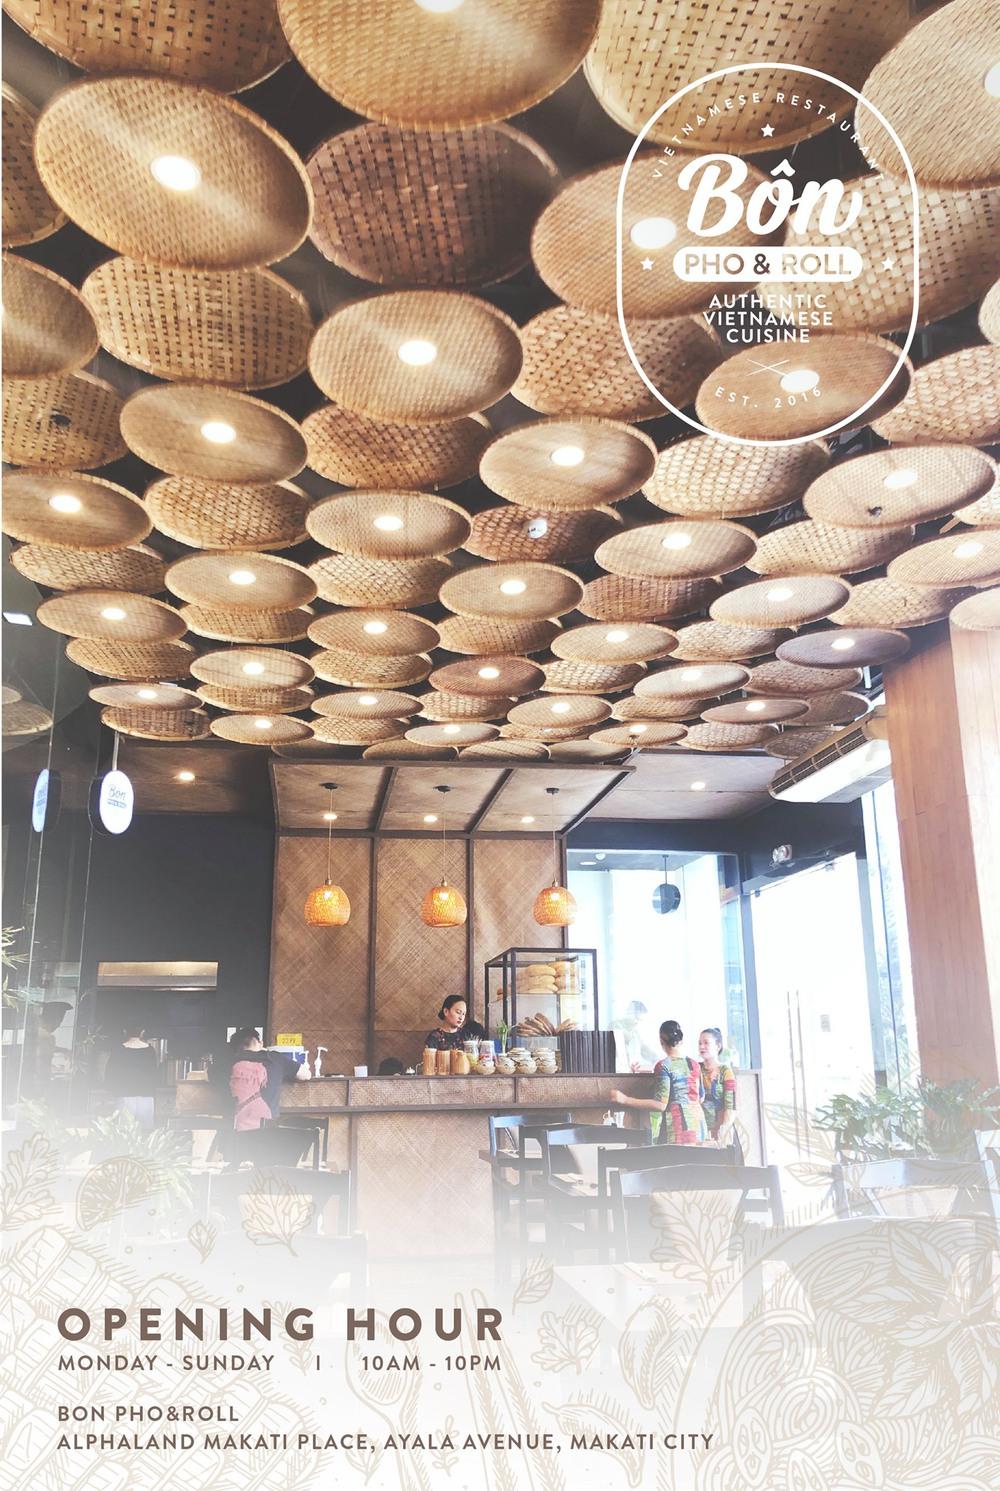 Cô gái Việt mở hàng loạt quán ăn ở Philippines: Bánh mì, nước mắm, ruốc, tương đều nhập từ Việt Nam - Ảnh 6.